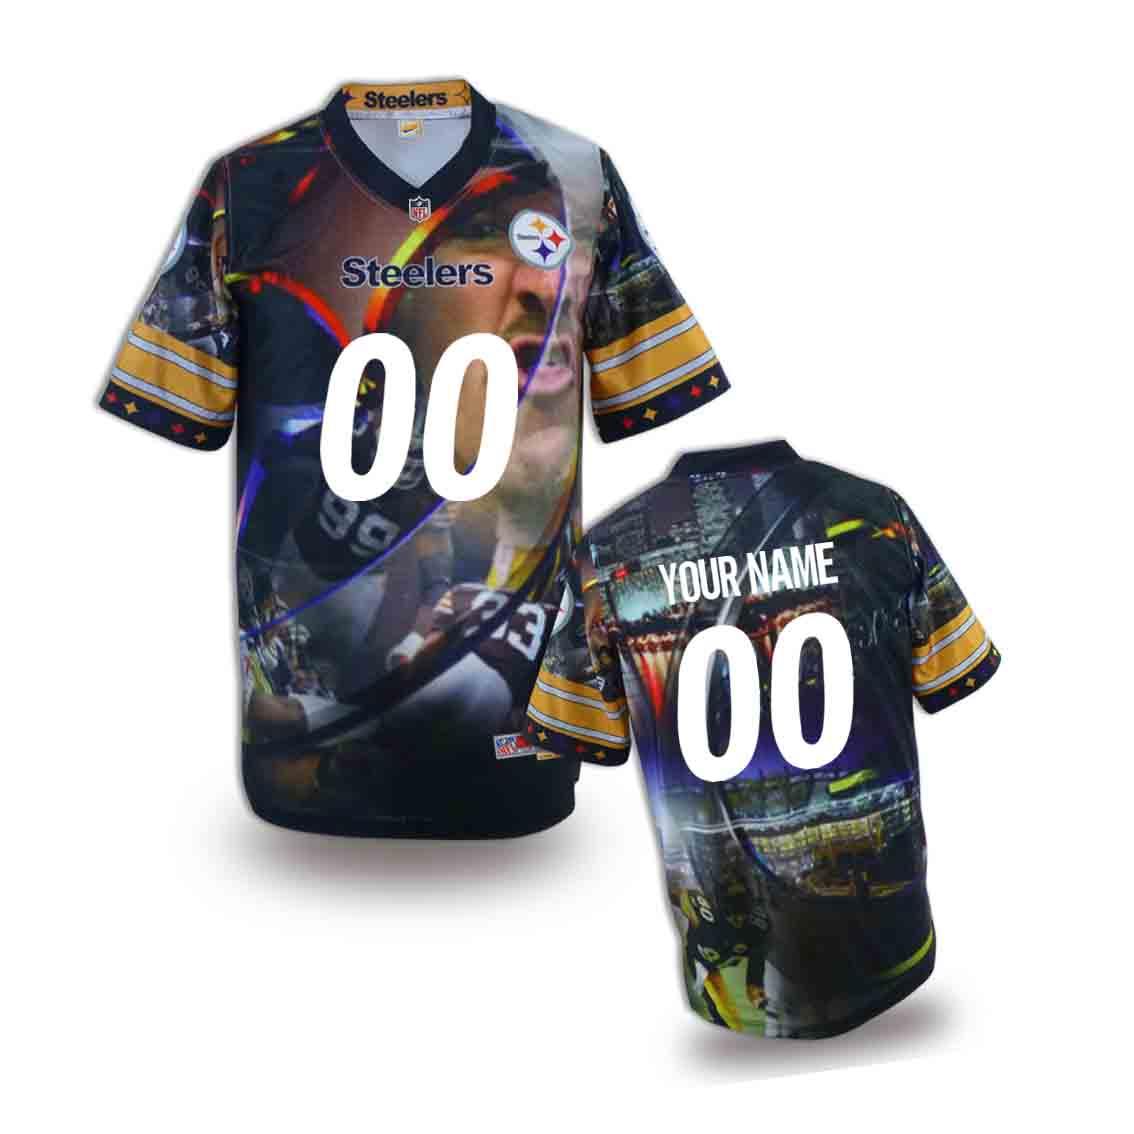 Nike Steelers Customized Fashion Stitched Youth Jerseys02